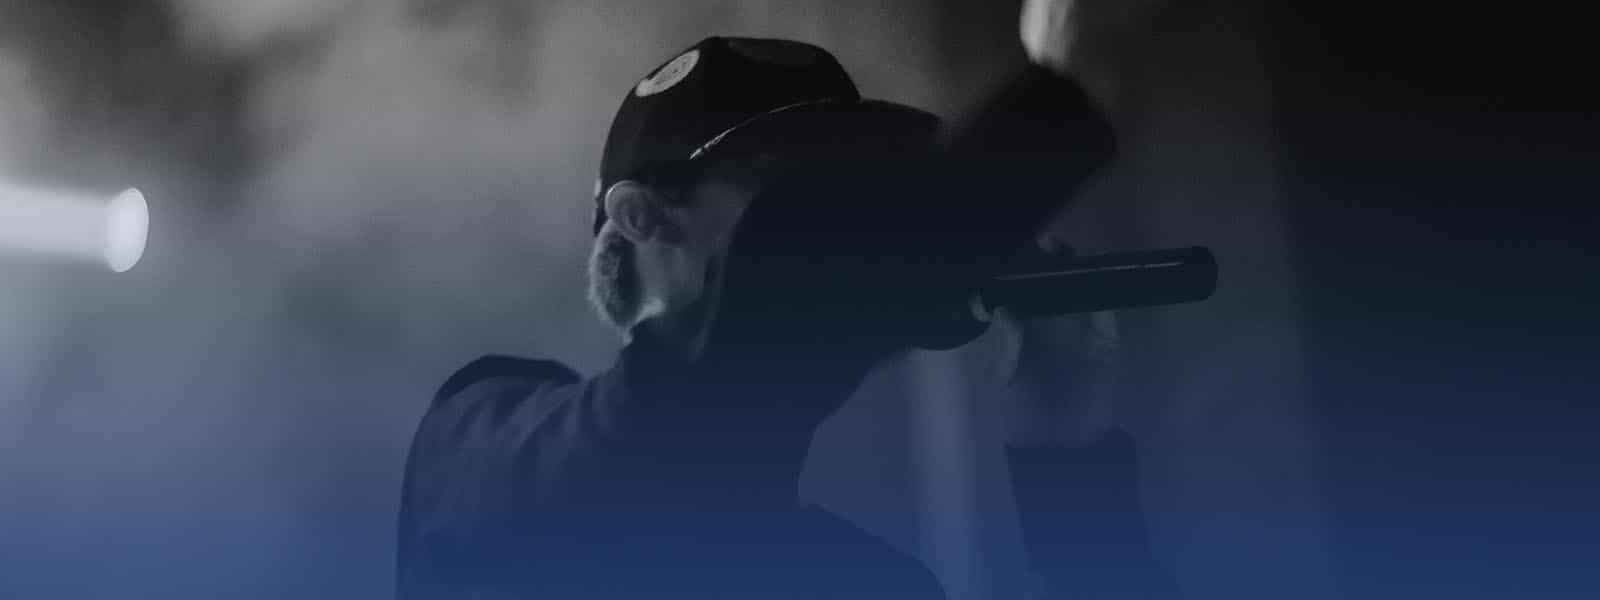 จาก Rap is Now ถึง TheRapper เพราะอะไรทำให้กระแสเพลง Hiphop ลุกเป็นไฟ